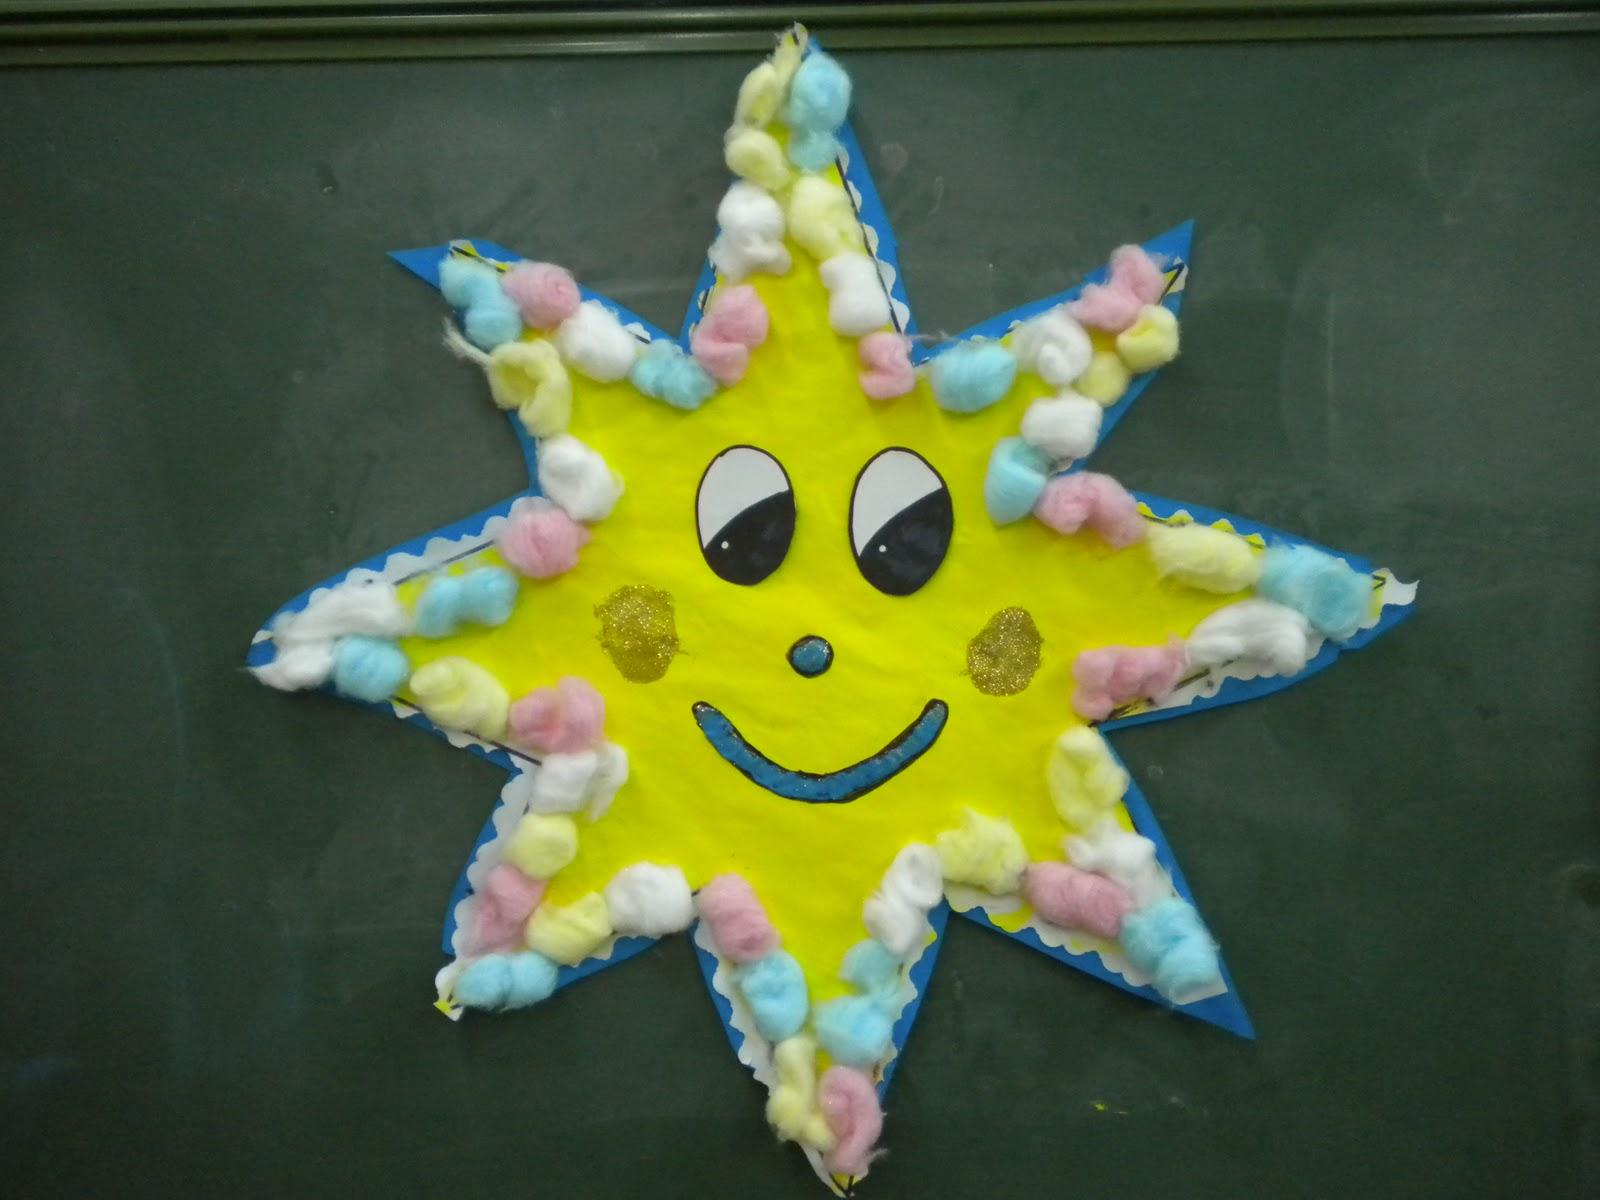 El rinc n de l s educador s ideas para decorar en navidad - Ideas para decorar estrellas de navidad ...